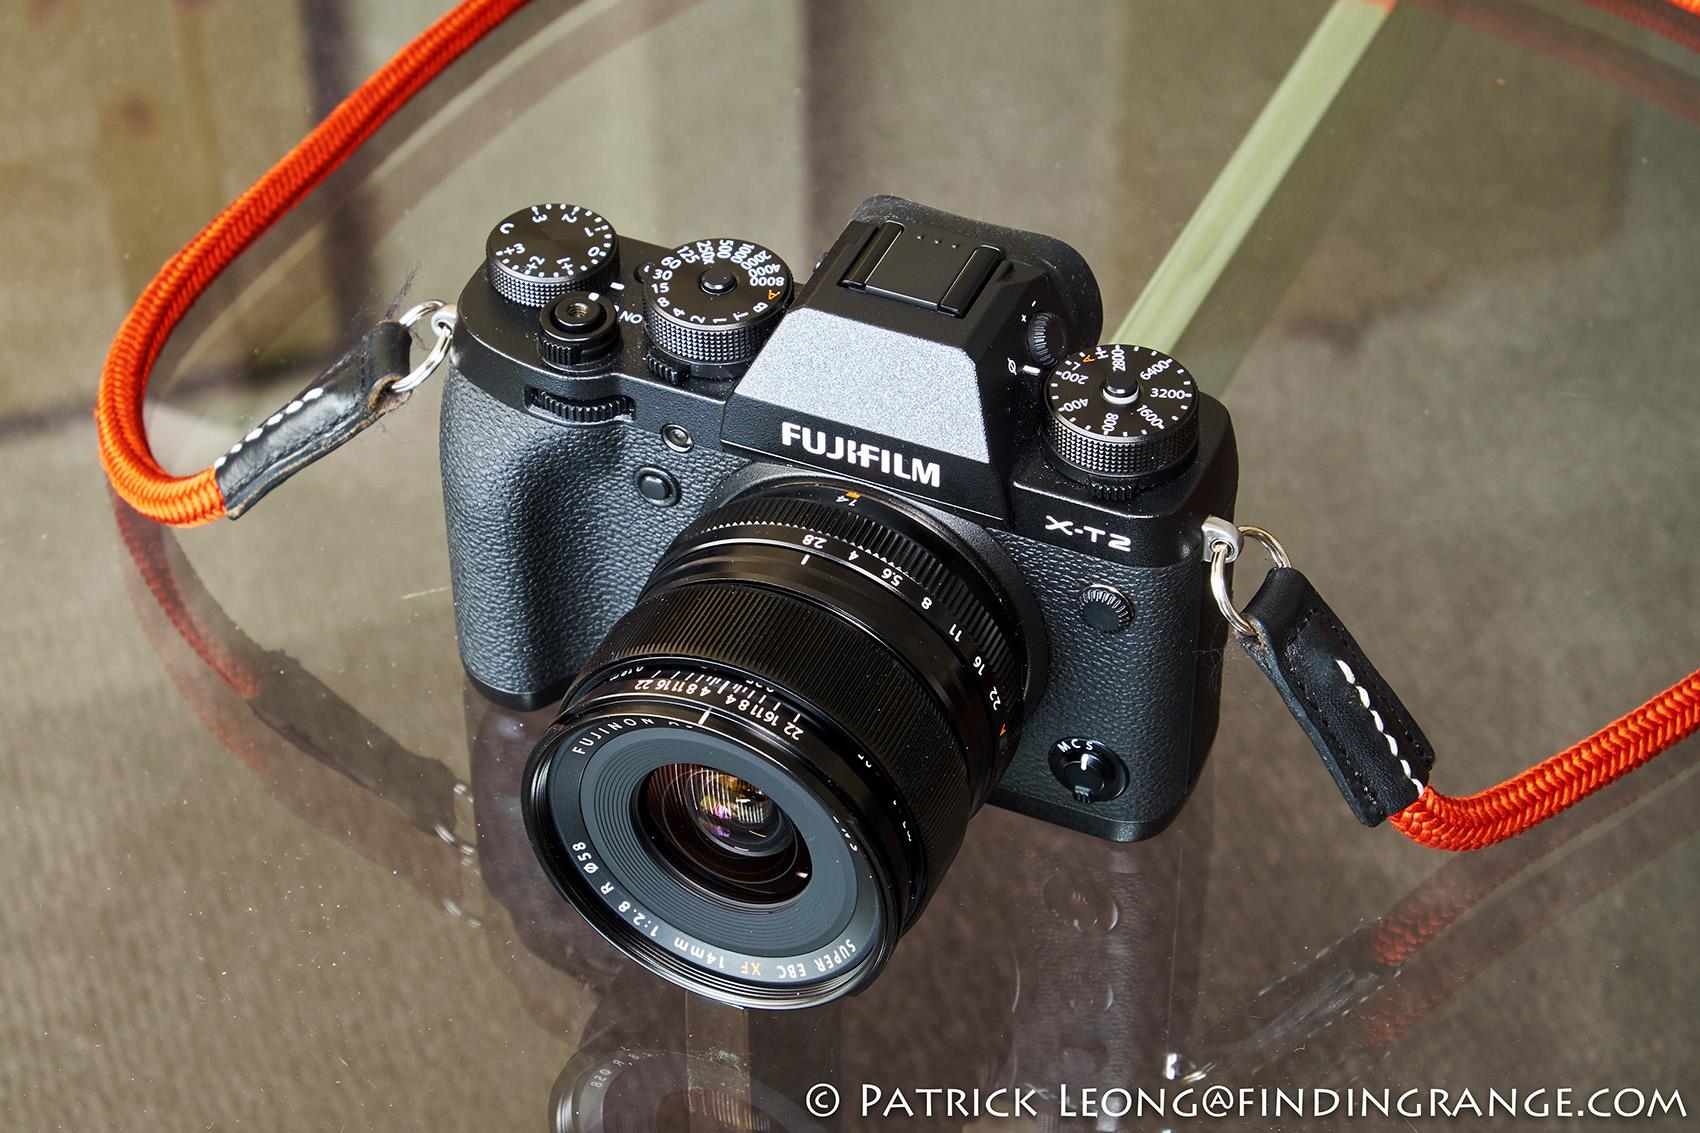 Fujifilm XF 14mm f2 8 R Lens Review